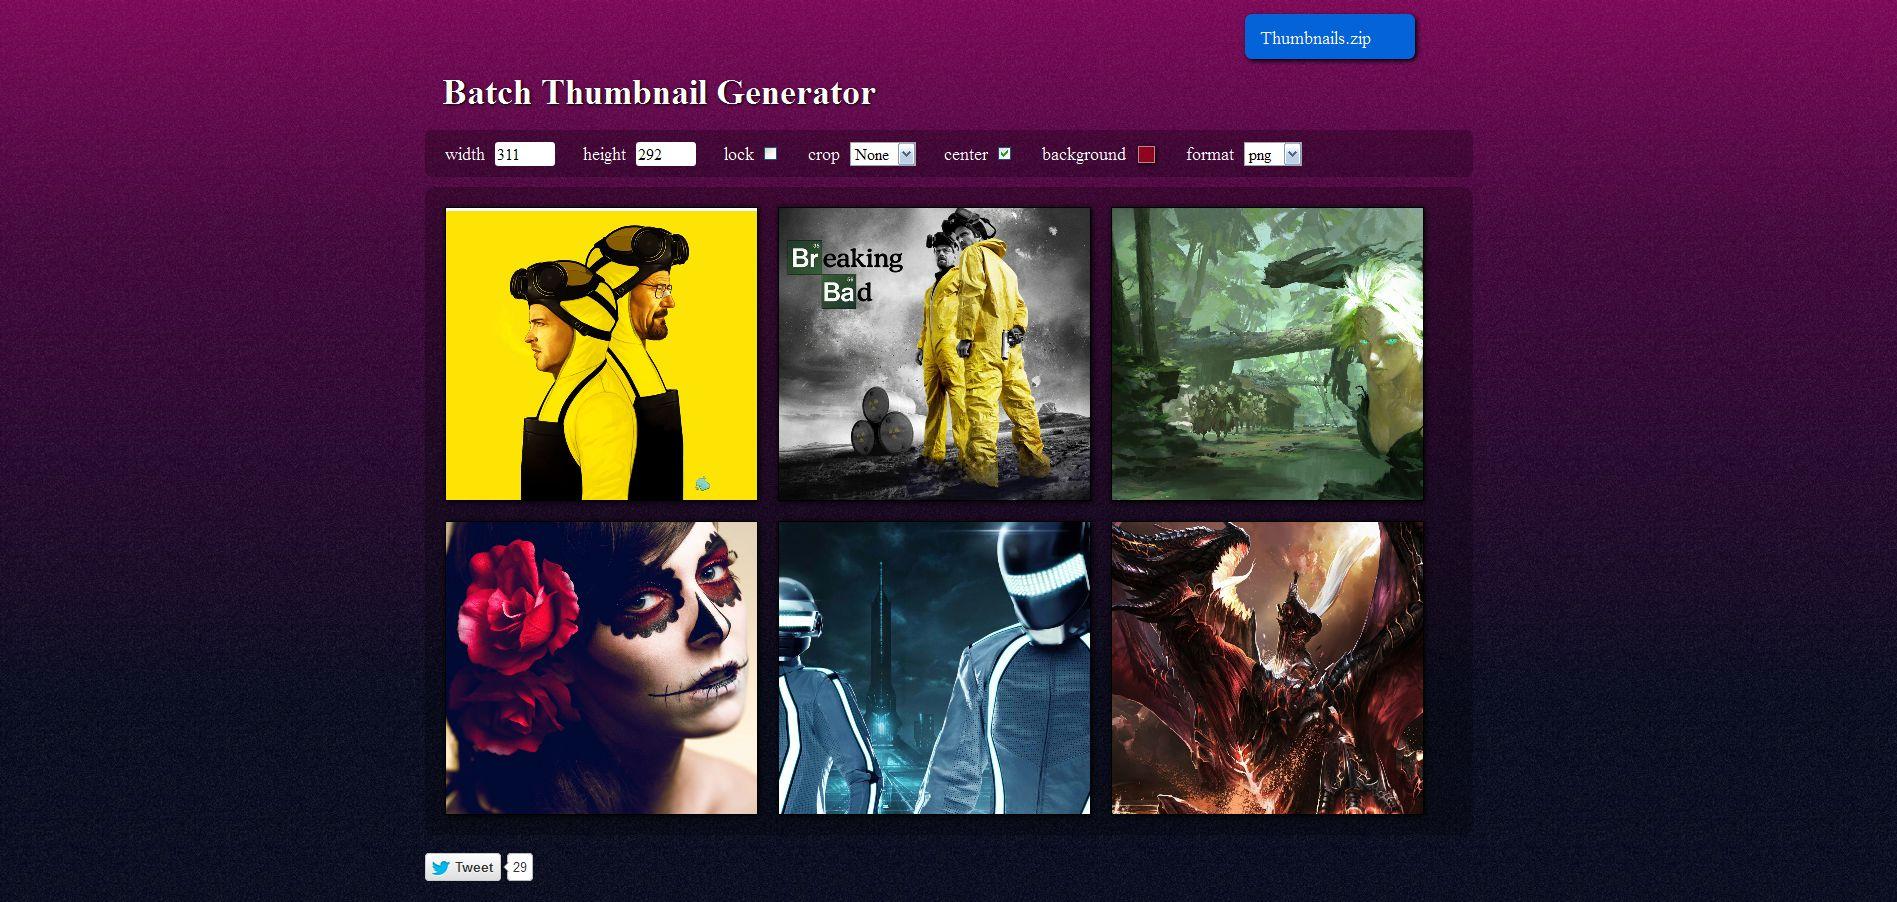 Thumbnail-Generator